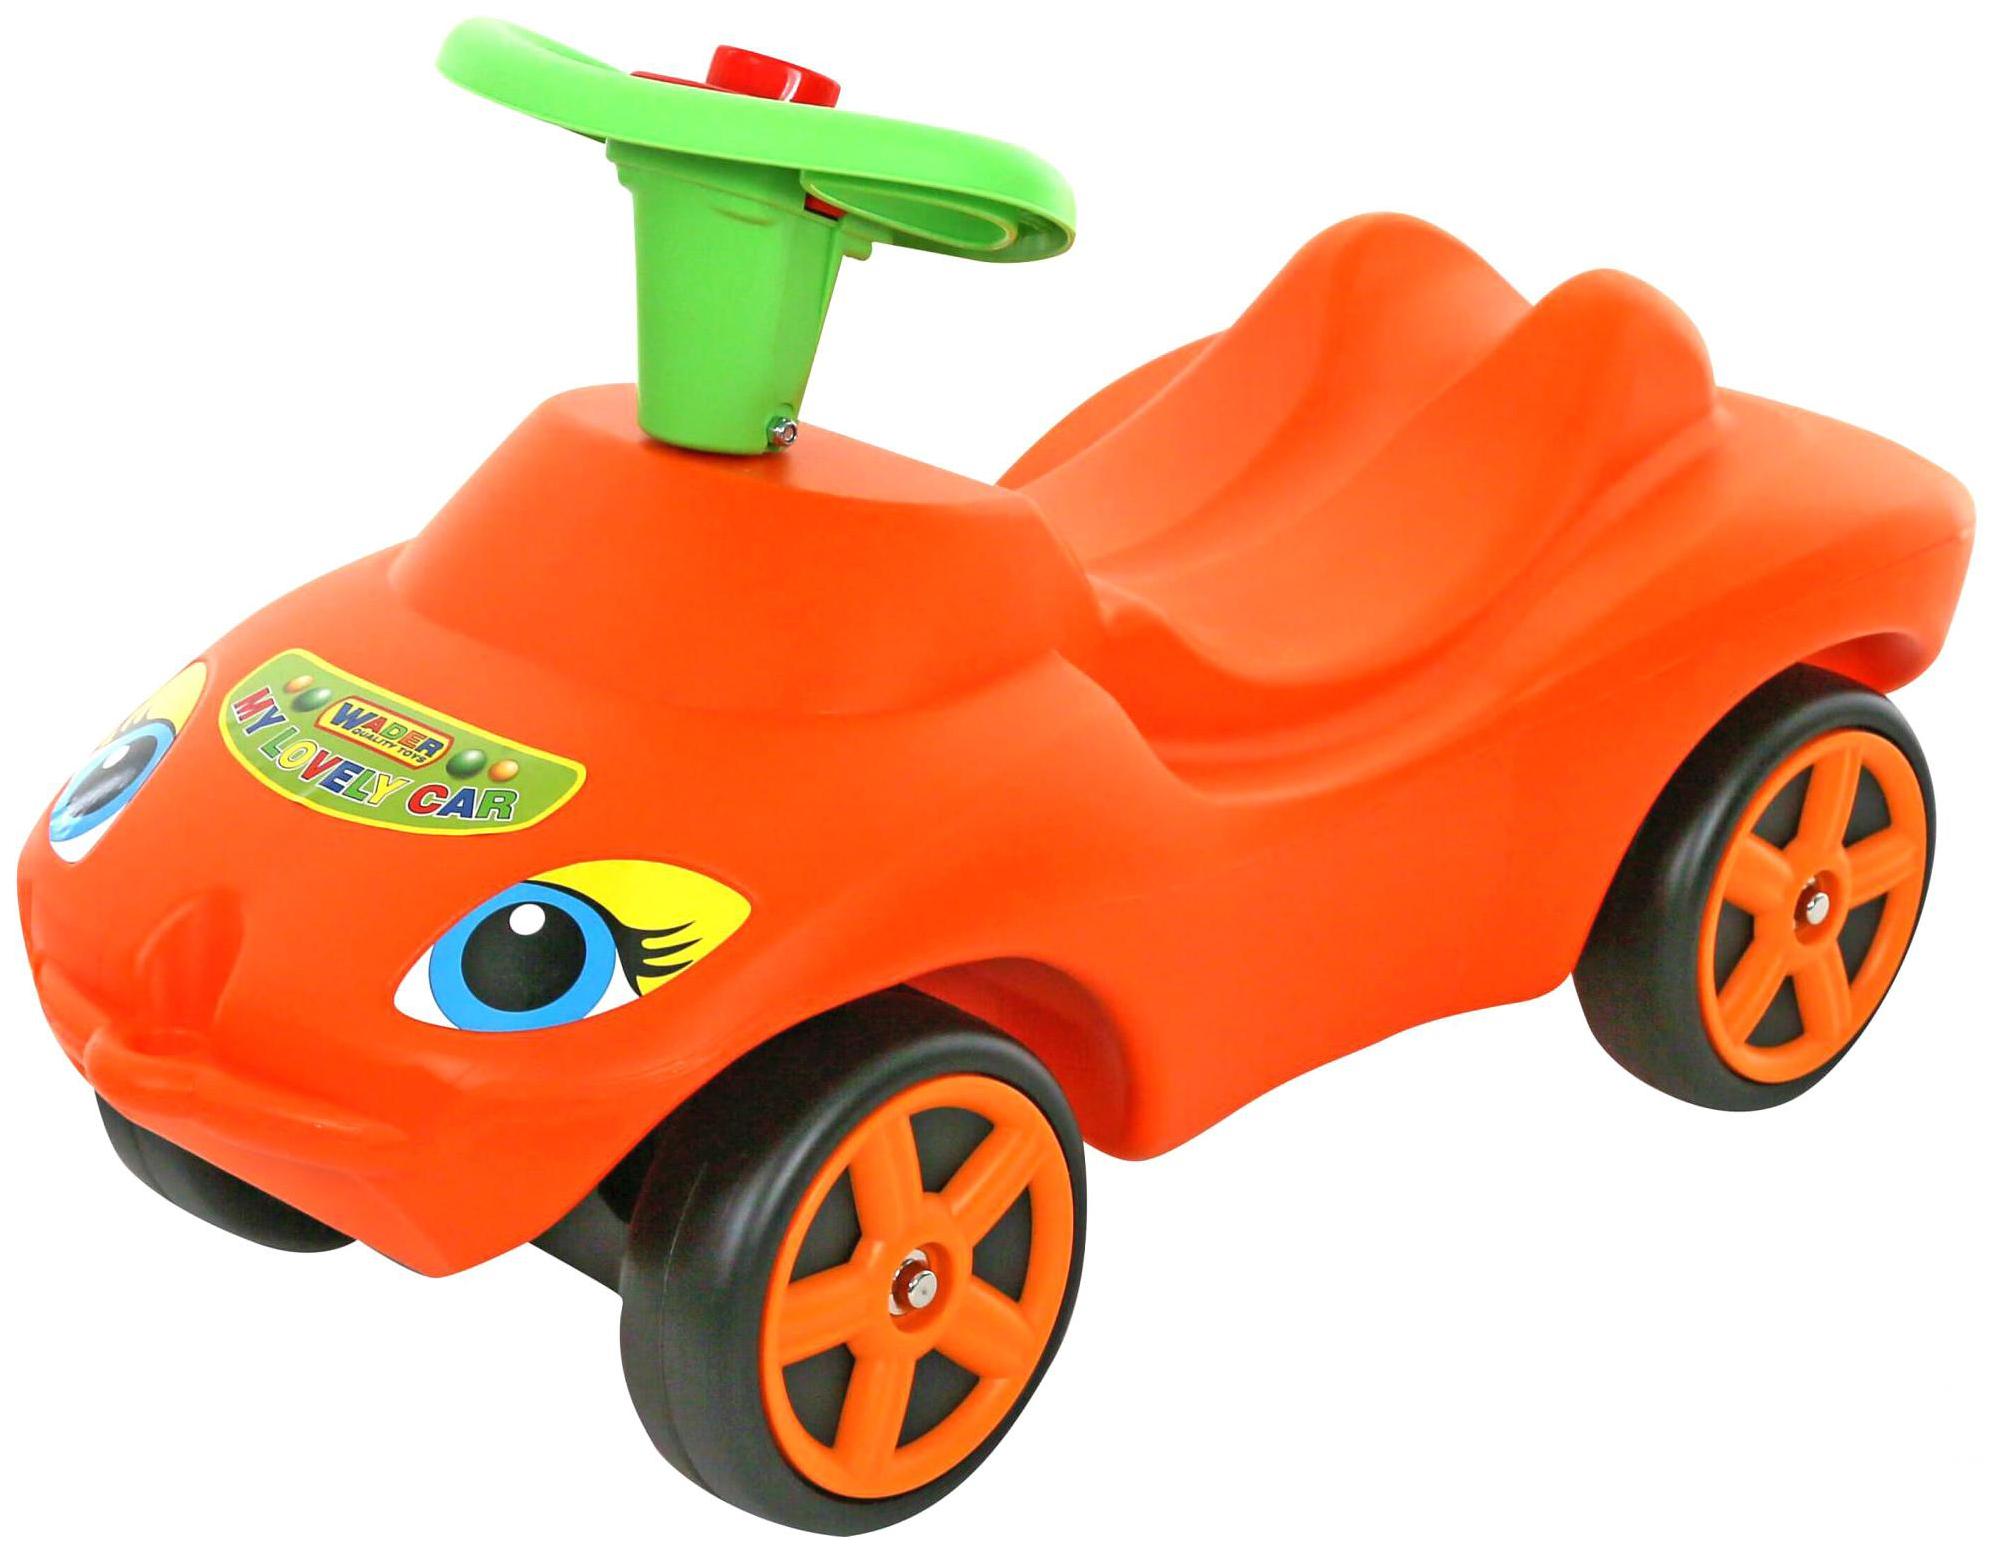 Машина-каталка Полесье Мой любимый автомобиль Оранжевый со звуковым сигналом